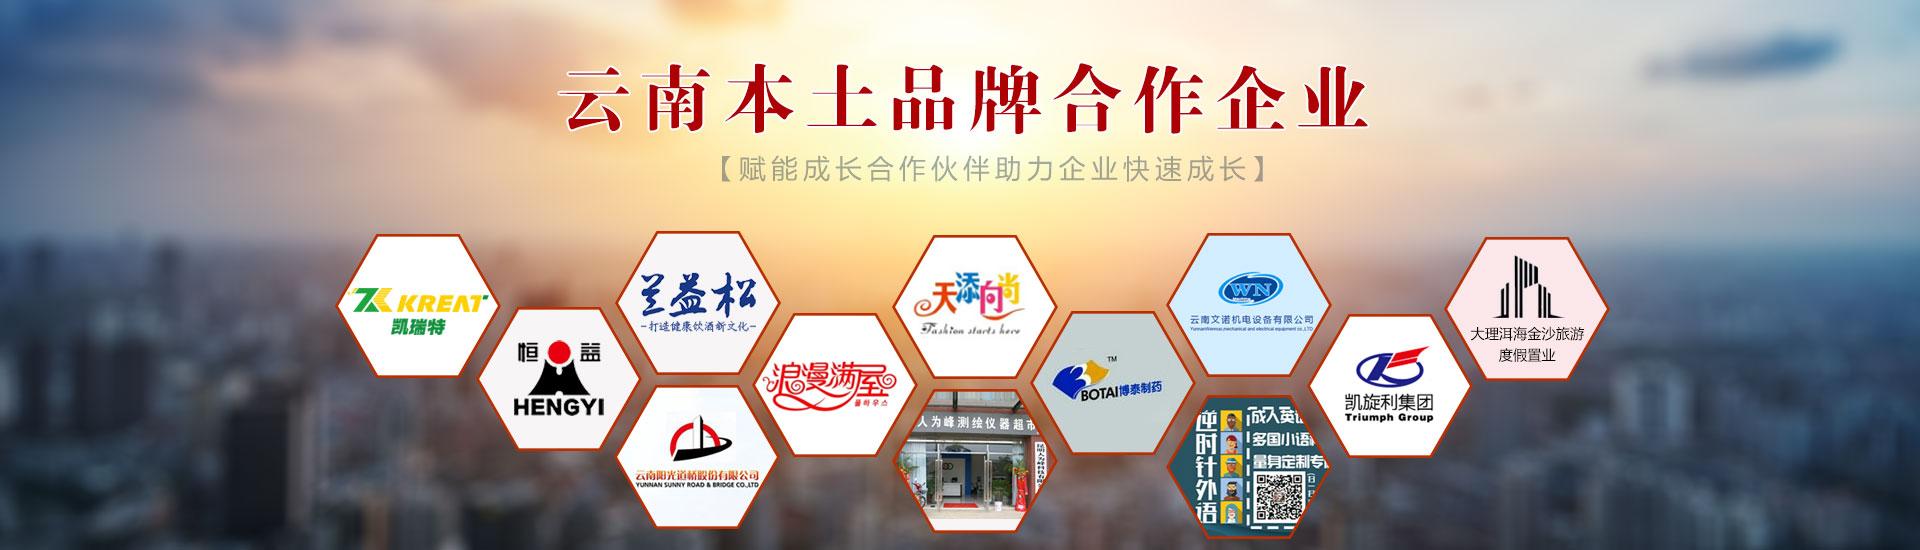 亚游国际游戏集团谘詢管理